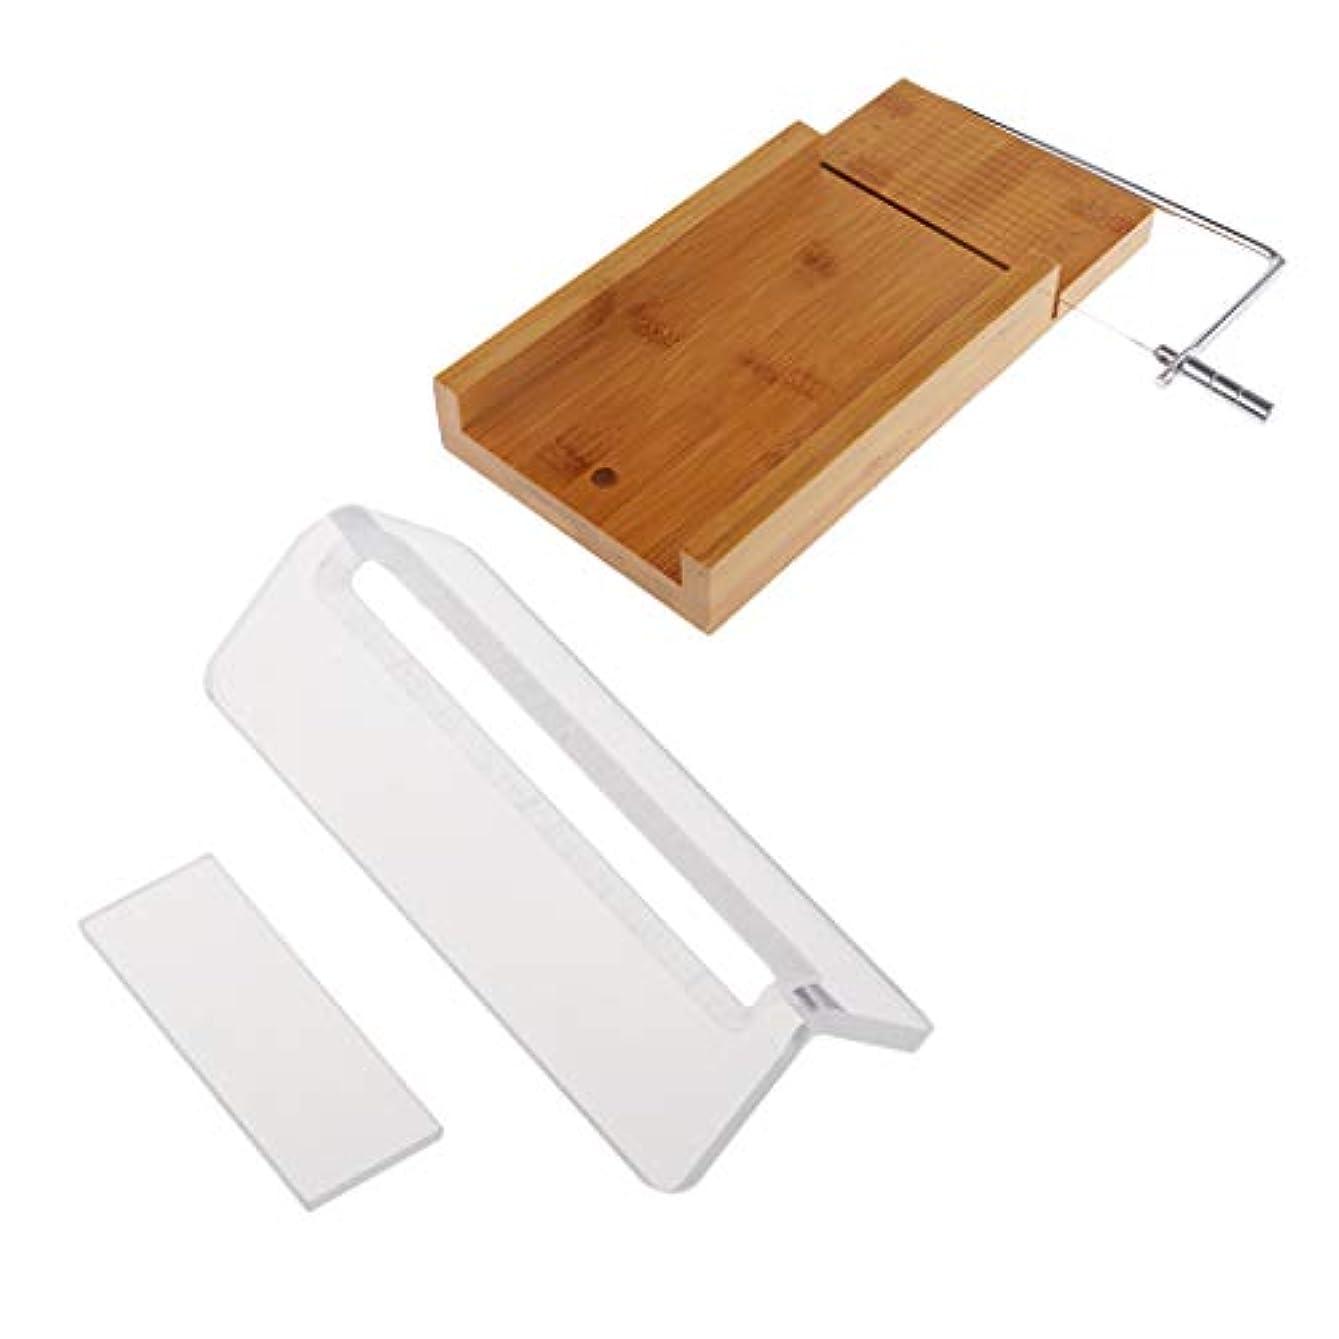 医療過誤むしゃむしゃ反発石鹸カッター 木製 ローフカッター チーズカッター ソープカッター ステンレス鋼線 2個入り